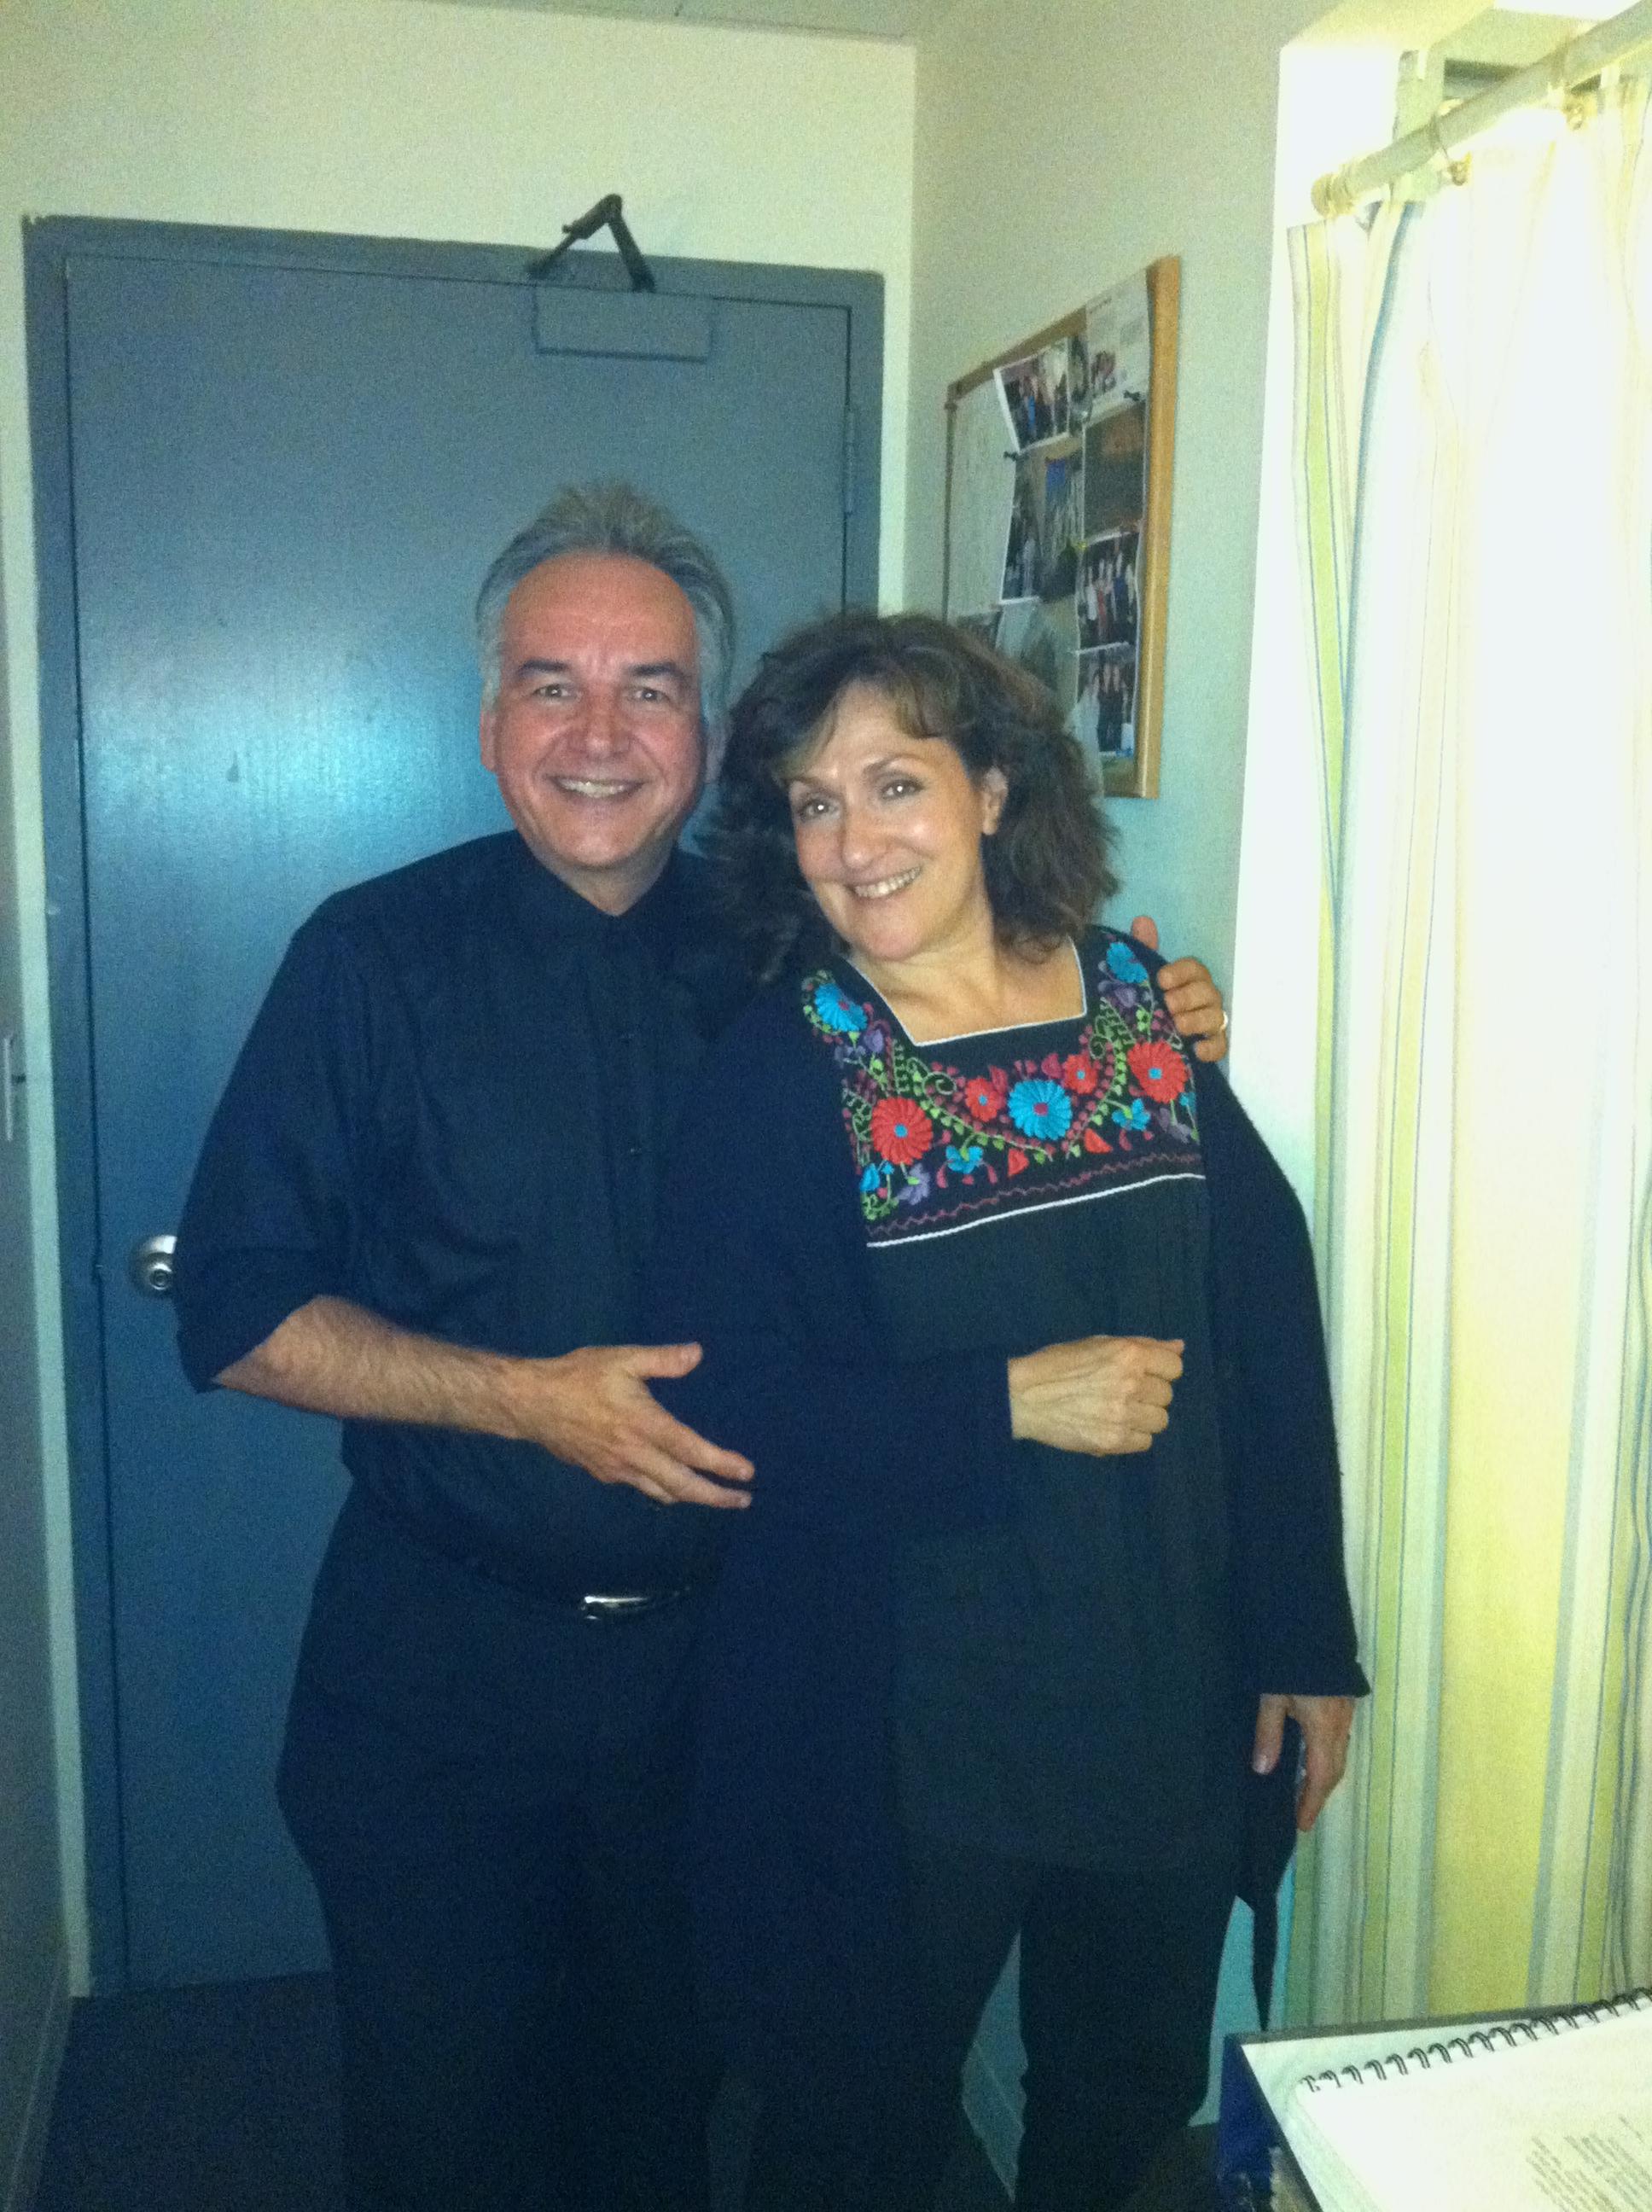 Karl Jurman and Cherie Rosen